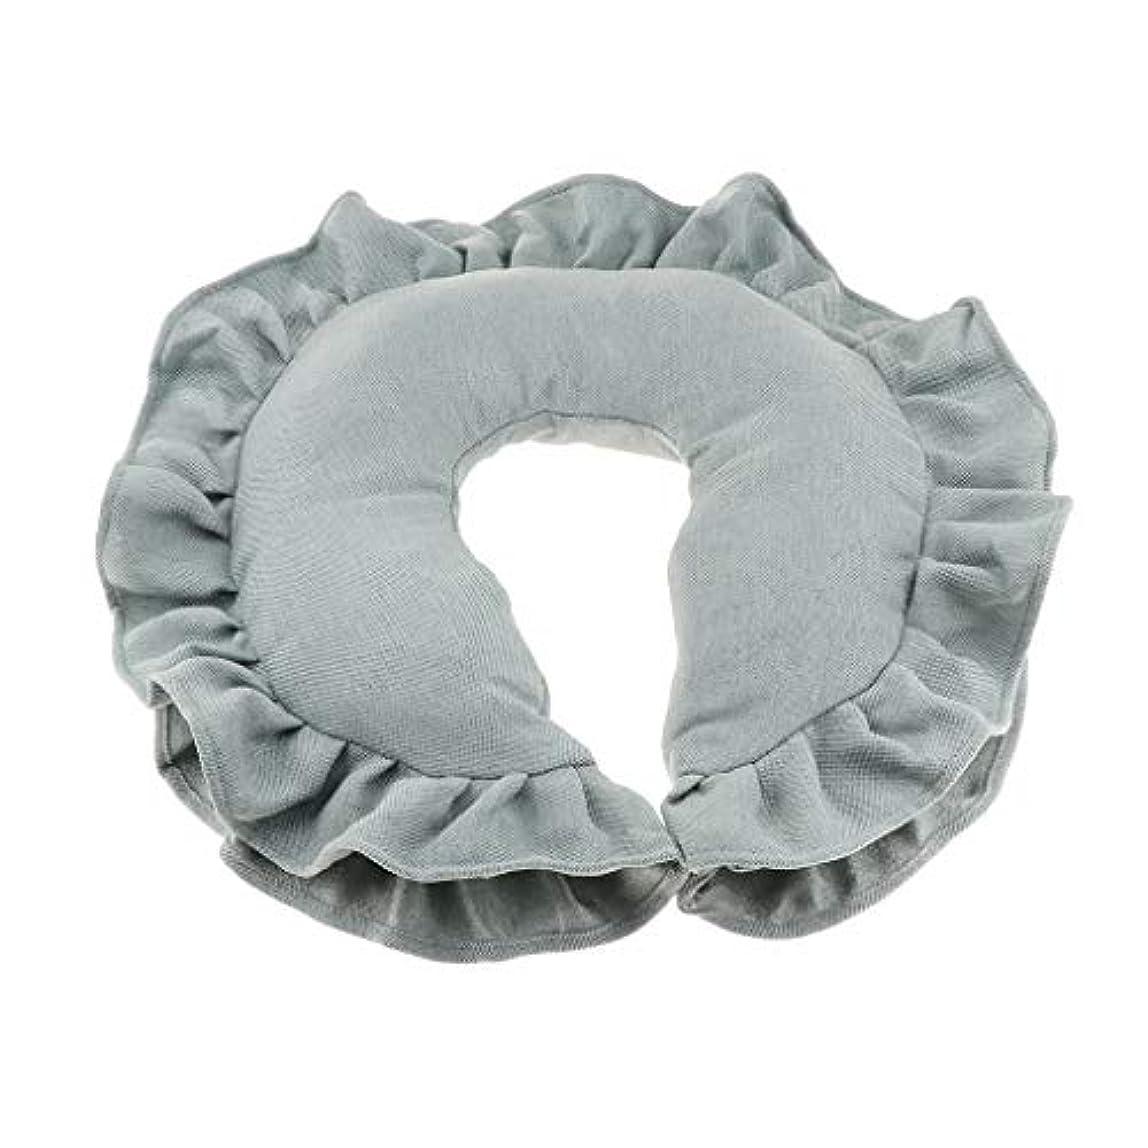 スキム麻酔薬緩めるマッサージピロー ネックピロー 顔枕 U字型 洗えるカバー 柔軟性 快適 全4色 - 緑